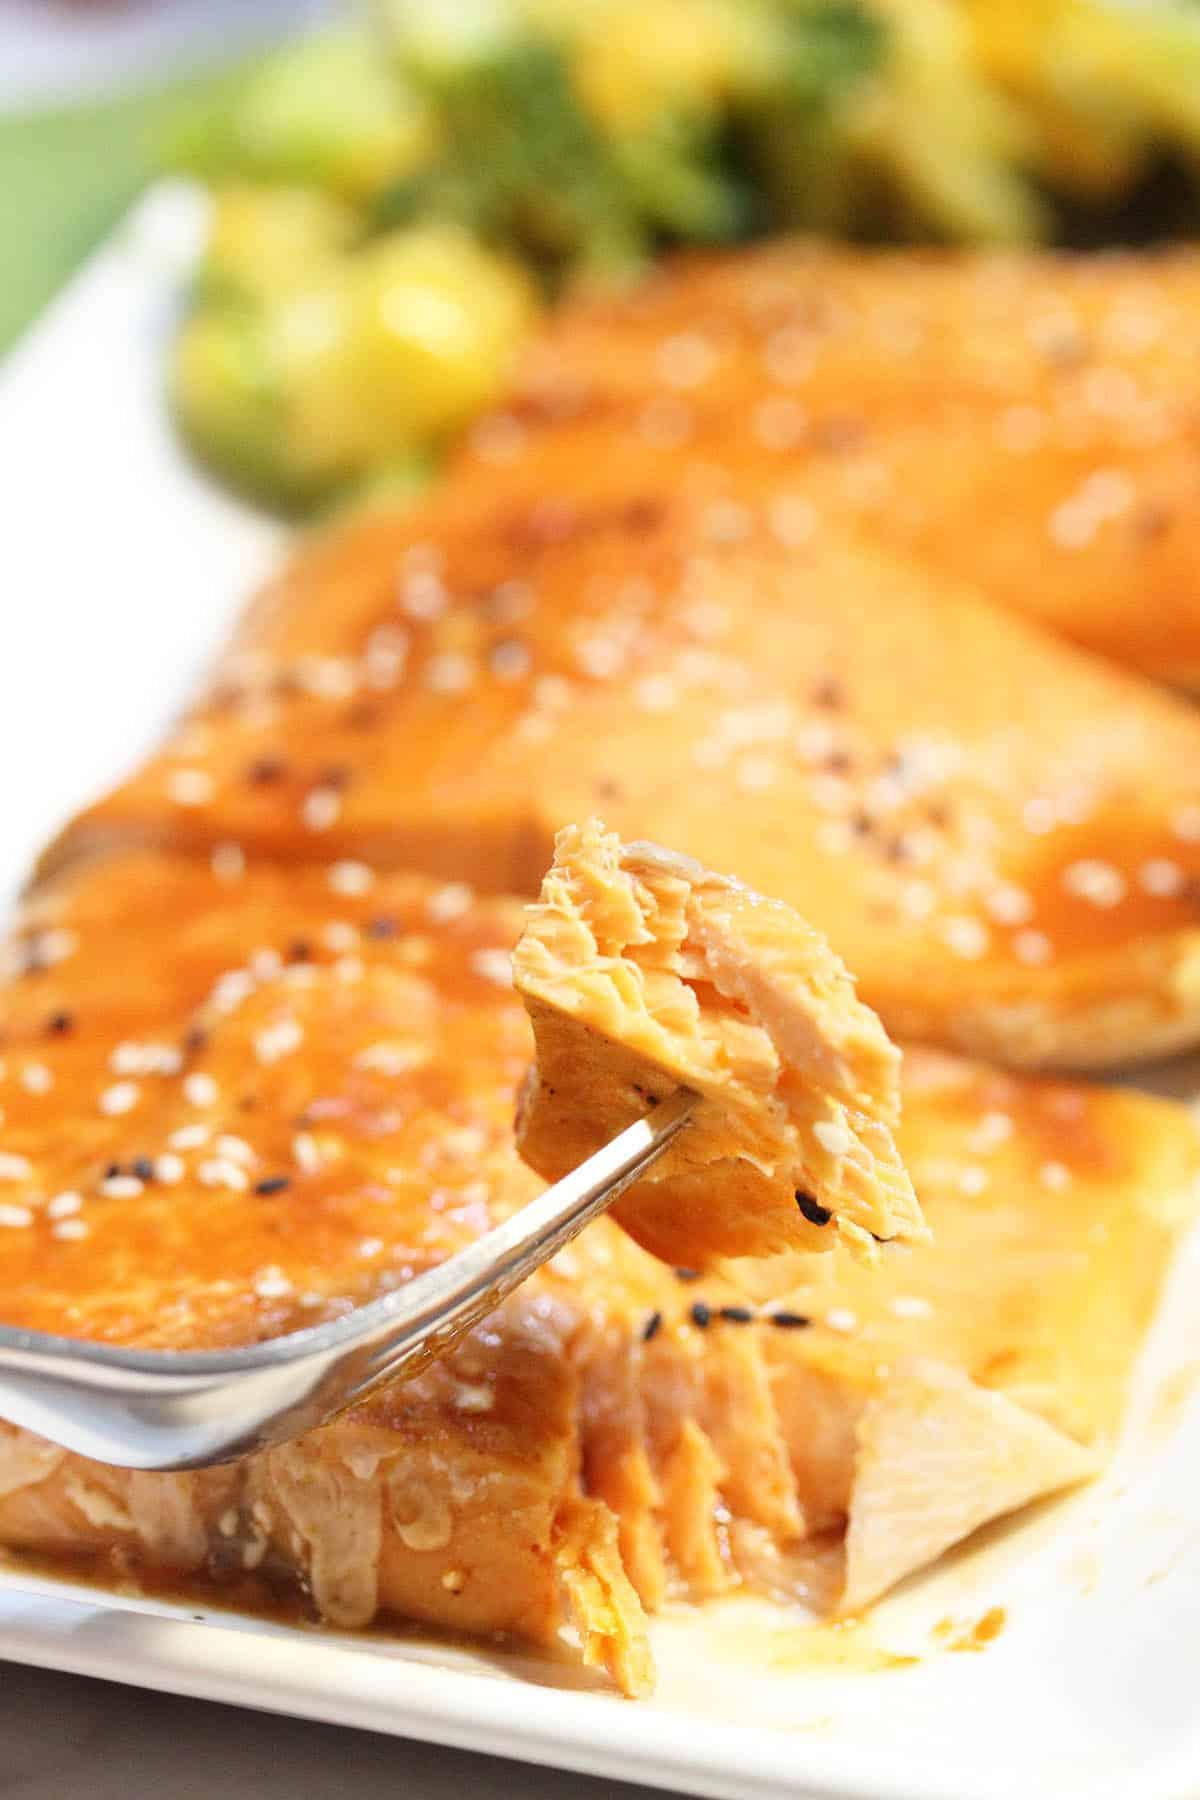 Bite of salmon on fork over white platter.